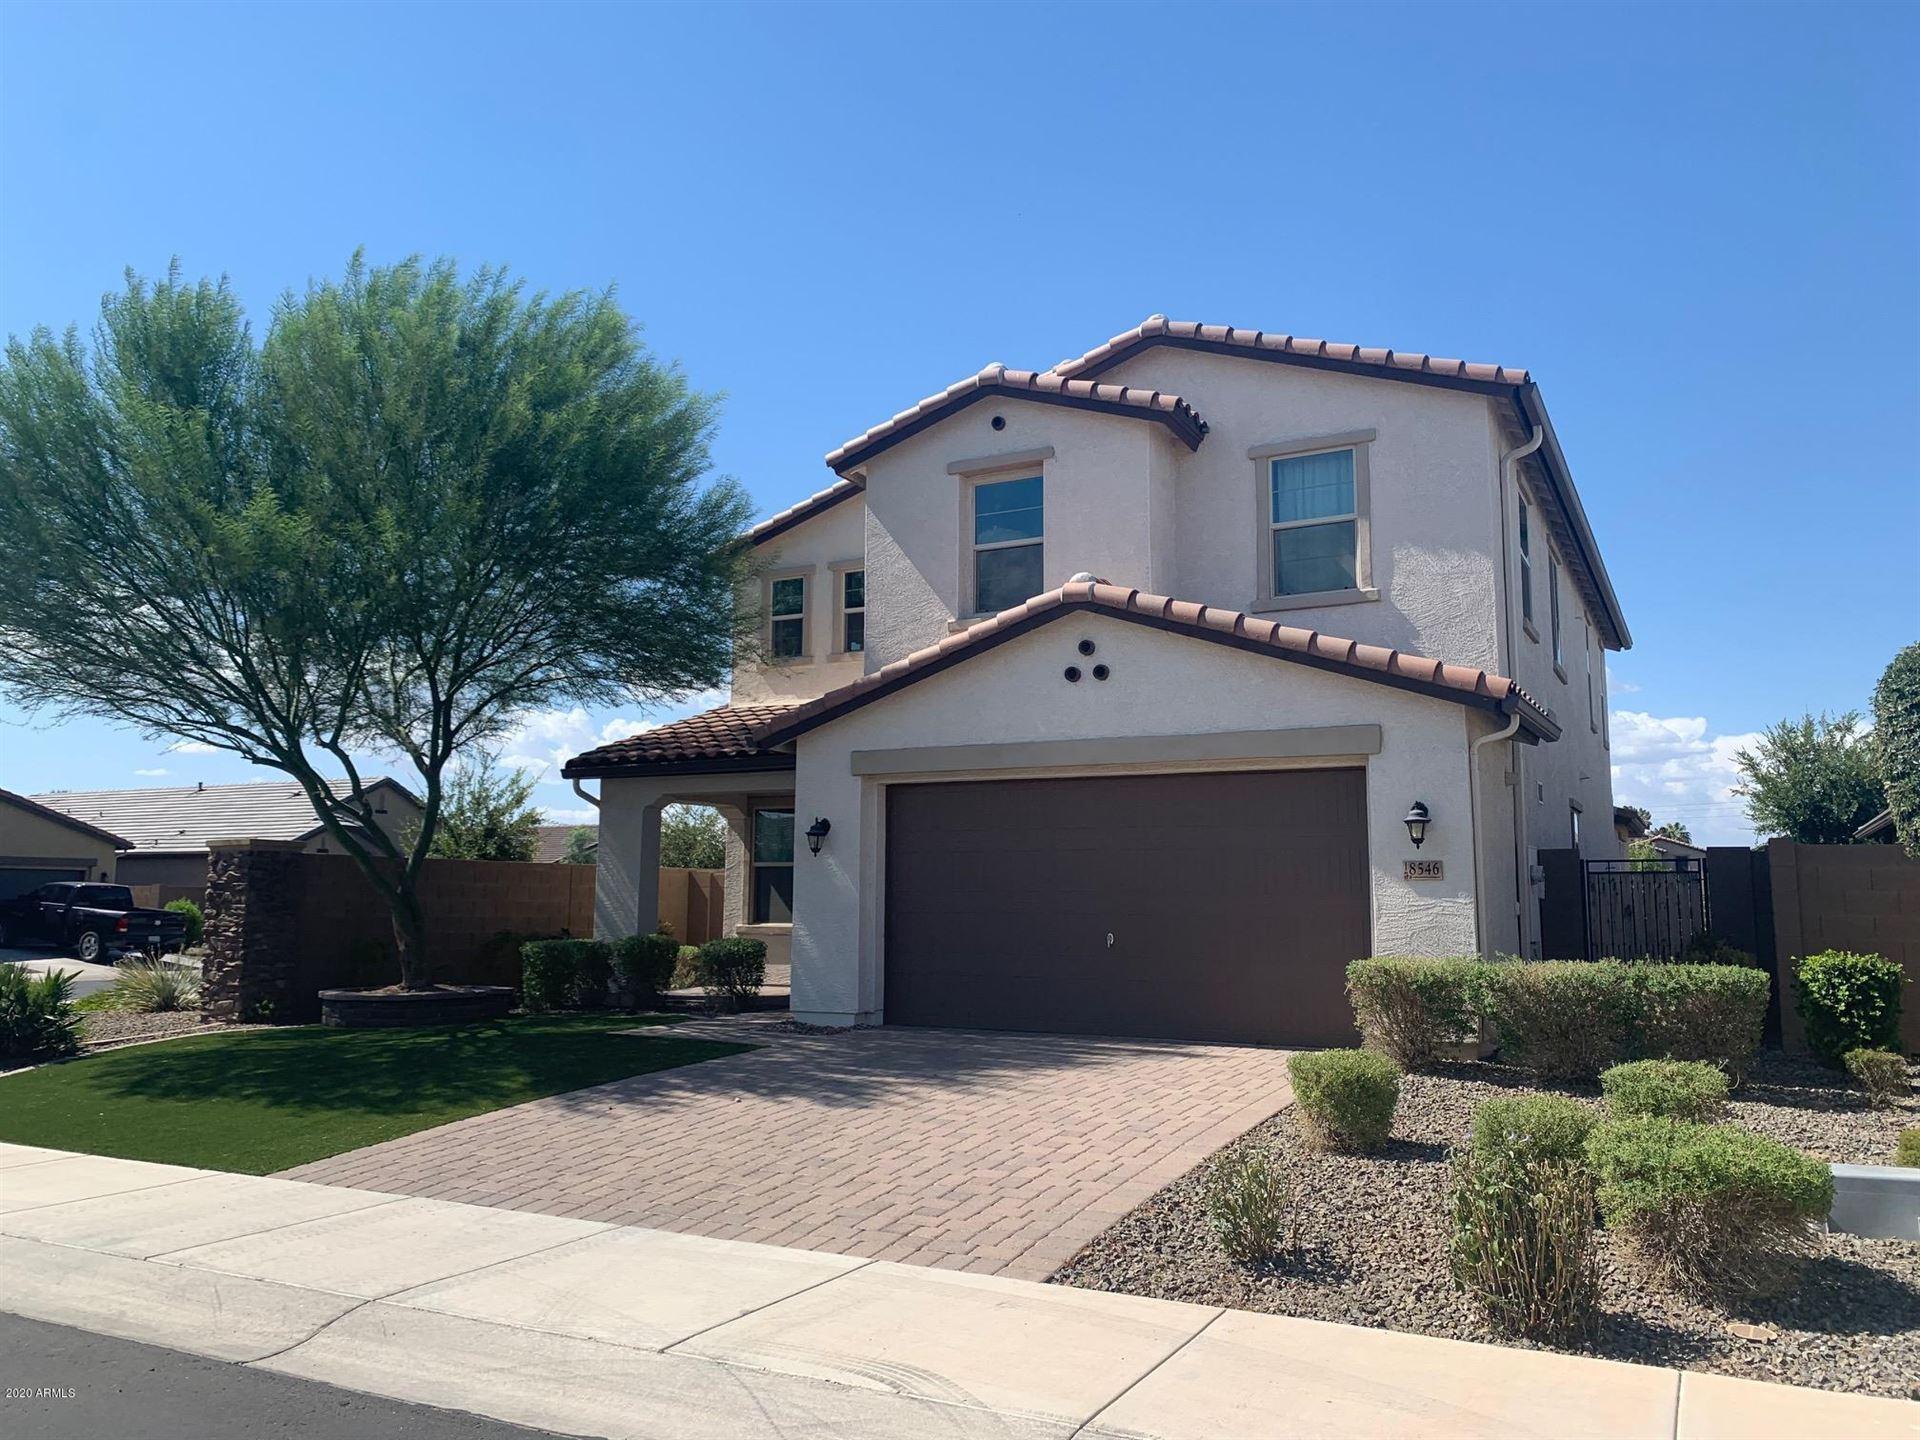 8546 W FLEETWOOD Lane, Glendale, AZ 85305 - MLS#: 6114054